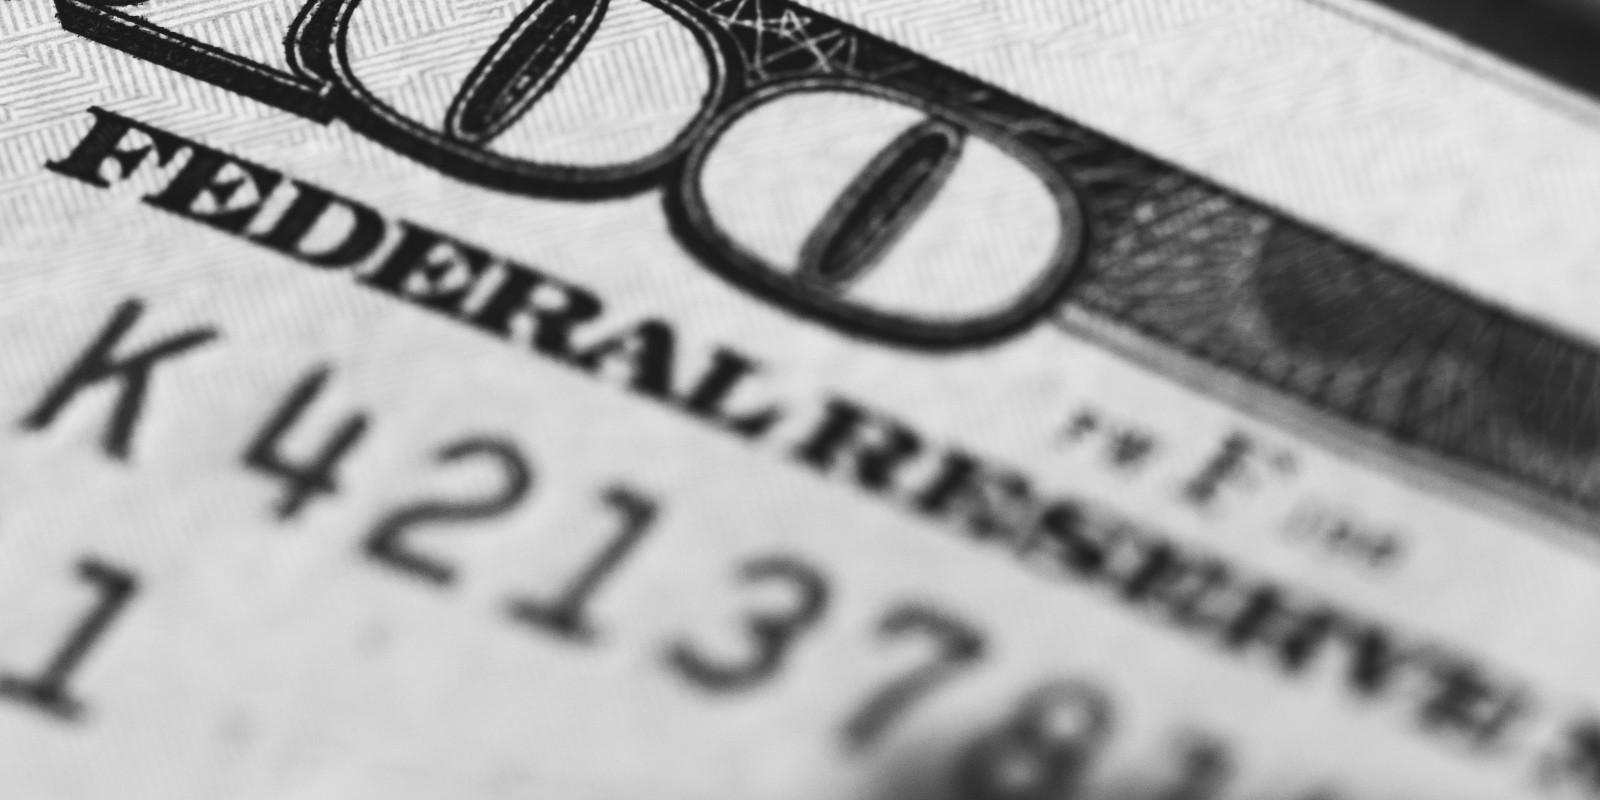 van vágy, hogy pénzt keressen jövedelem az interneten a Glopart számára